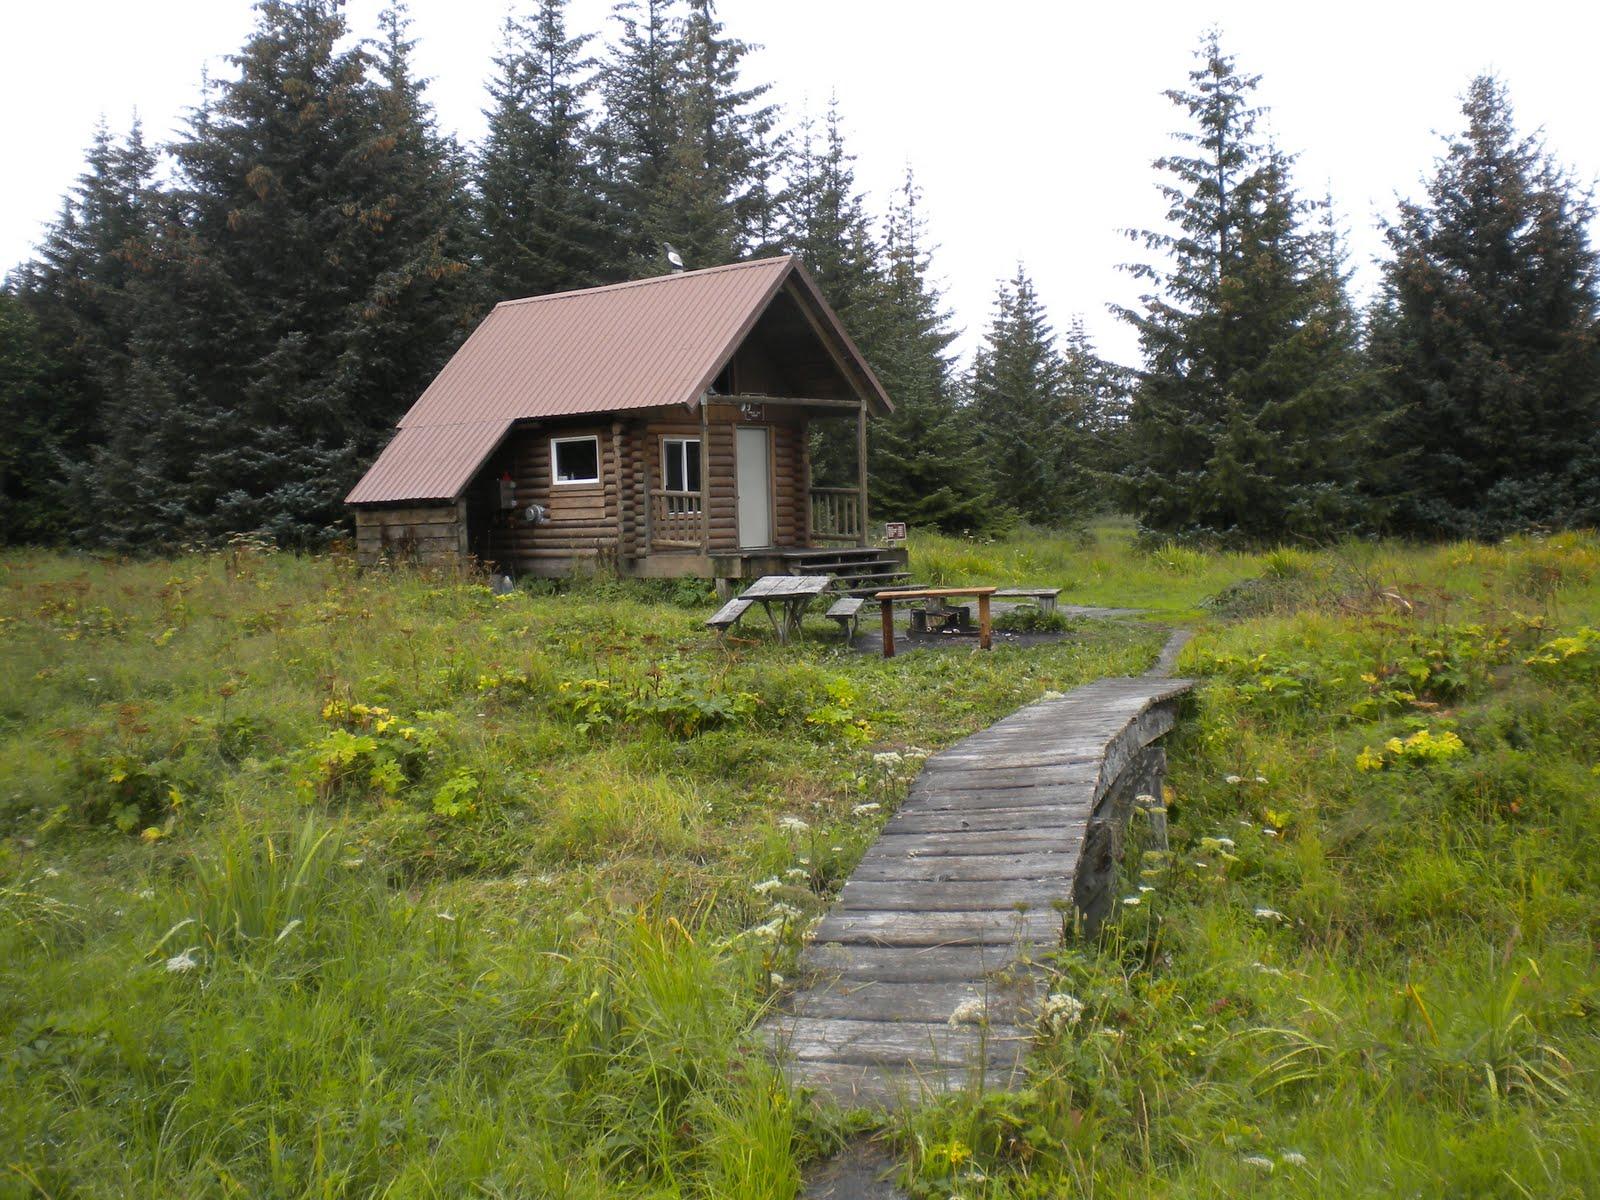 Wind Songs Cowee Meadows Cabin